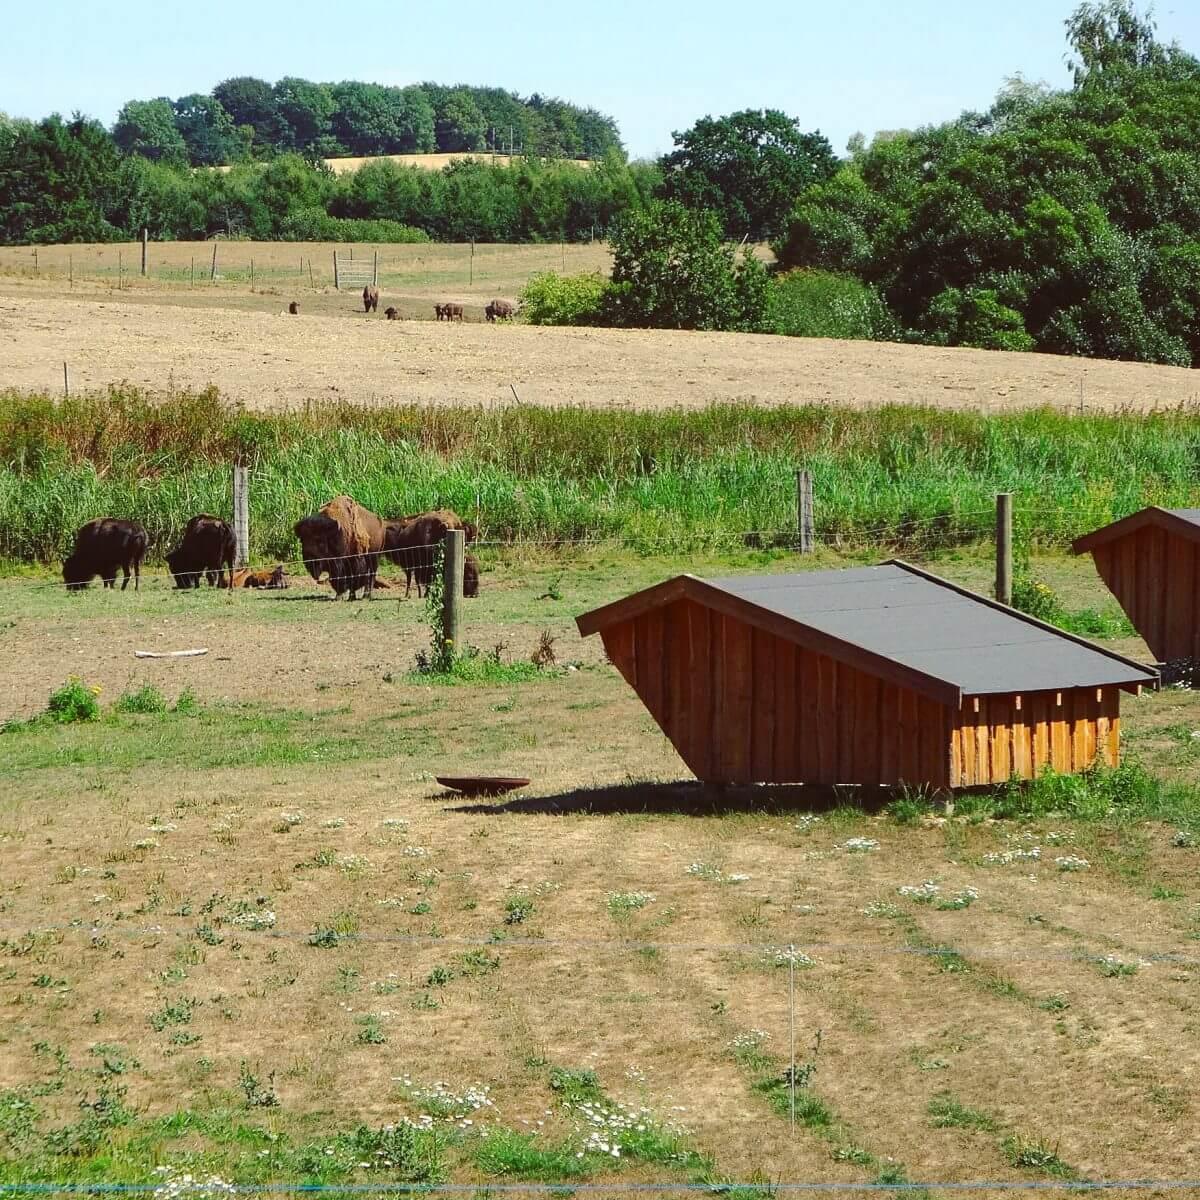 Ditlevsdal Bisonfarm: op bisonsafari of zelfs slapen tussen de bizons, op het eiland Funen in Denemarken, slapen in de openlucht in een shelter #leukmetkids #vakantie #kinderen